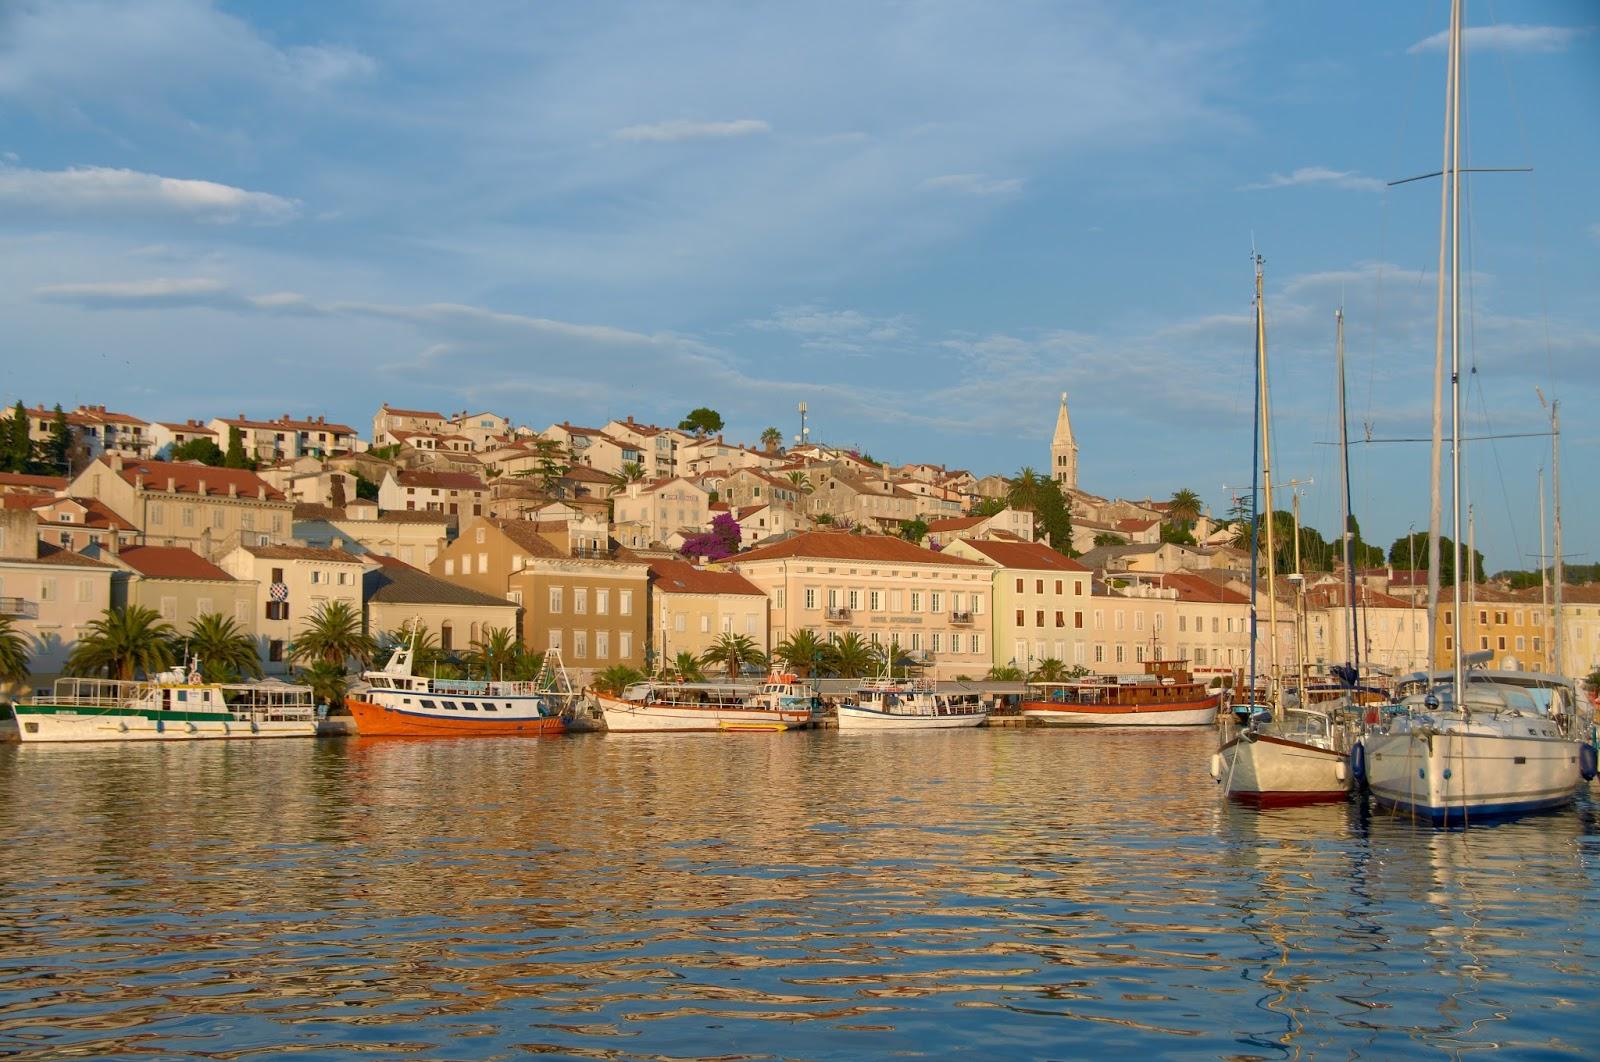 Chorwacja, gdzie warto pojechać na wakacje?